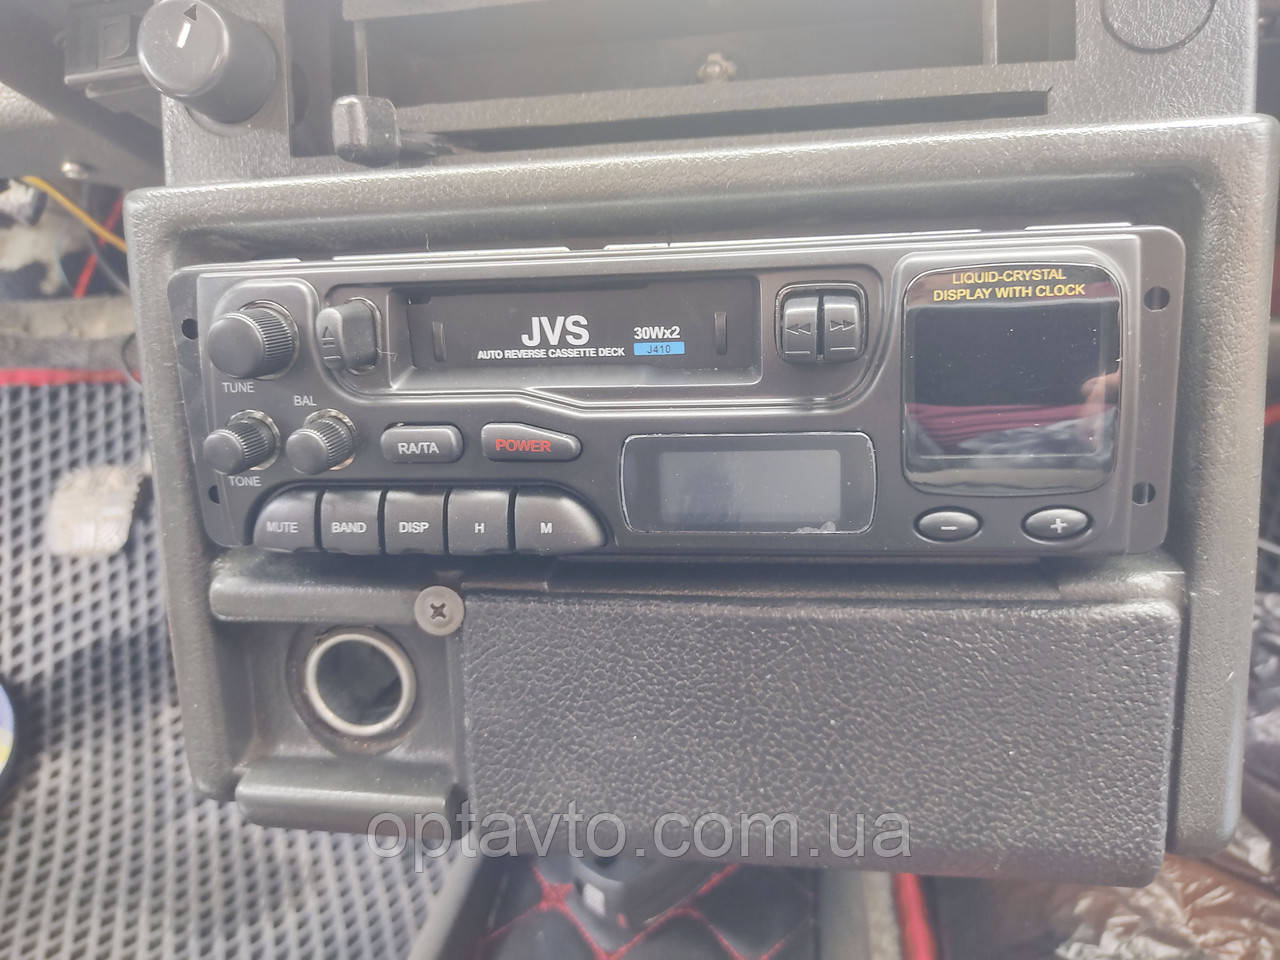 Магнитола в автомобиль AM-FM приемник, кассетный магнитофон. JVS